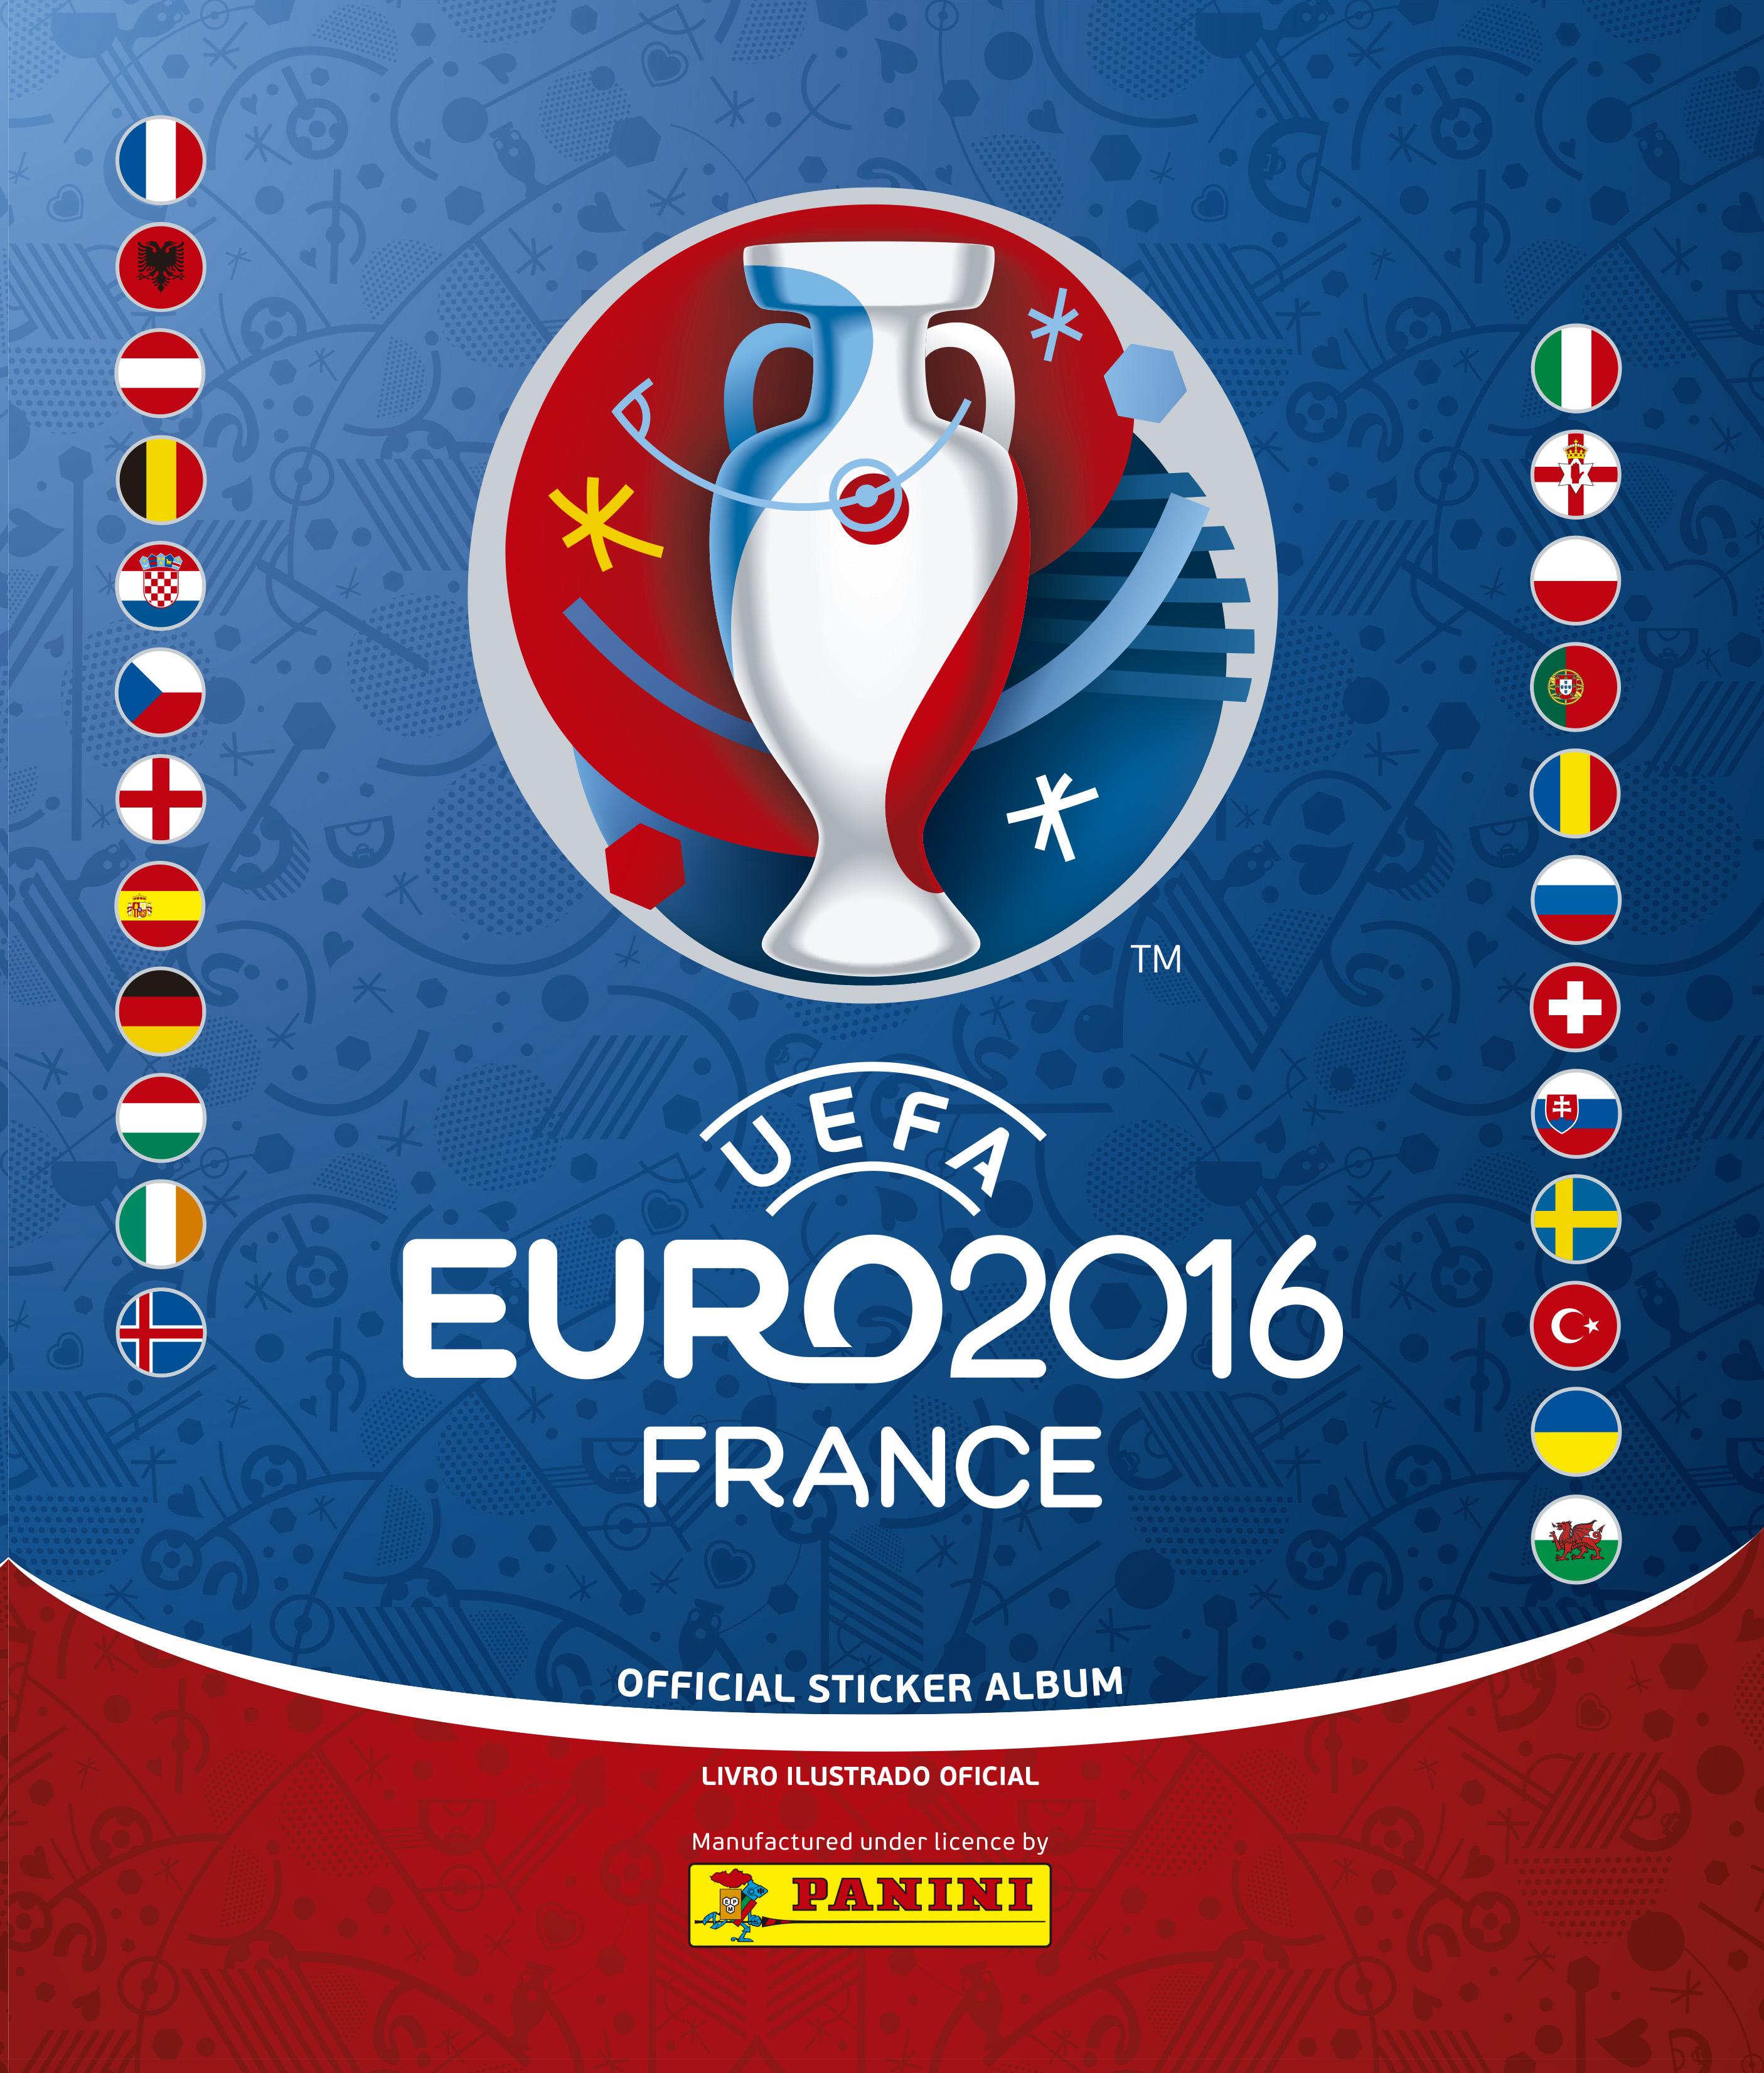 Editora lança figurinhas da Euro 2016